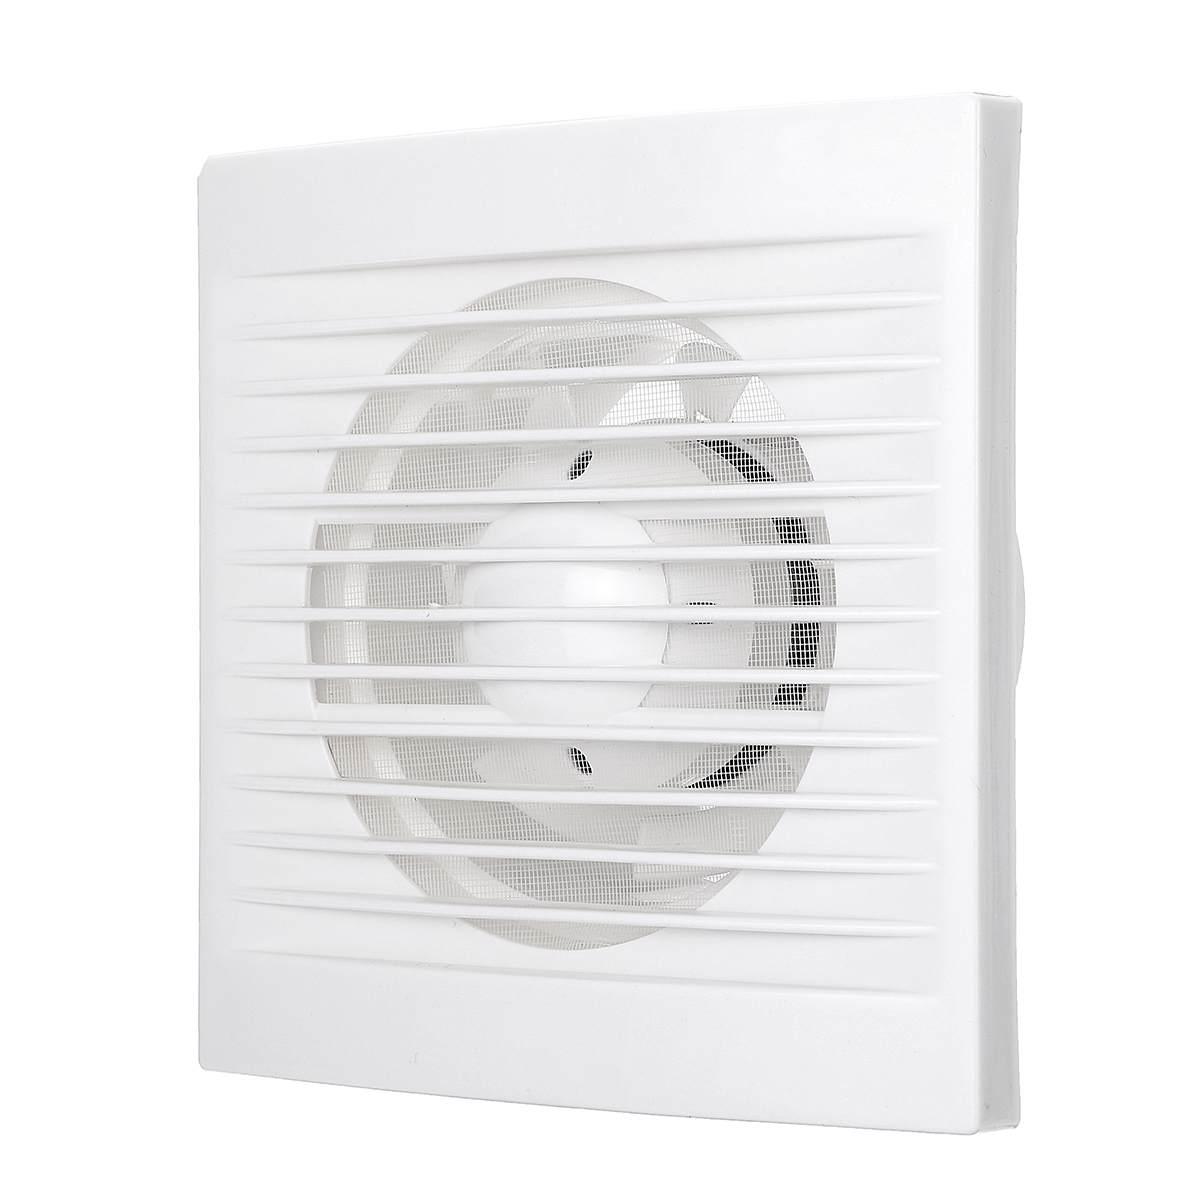 220V 12W 4 inch Exhaust Fan for Bathroom Kitchen Toilets Home Ventilation Fans Low Noise Air Vent Fan Part220V 12W 4 inch Exhaust Fan for Bathroom Kitchen Toilets Home Ventilation Fans Low Noise Air Vent Fan Part